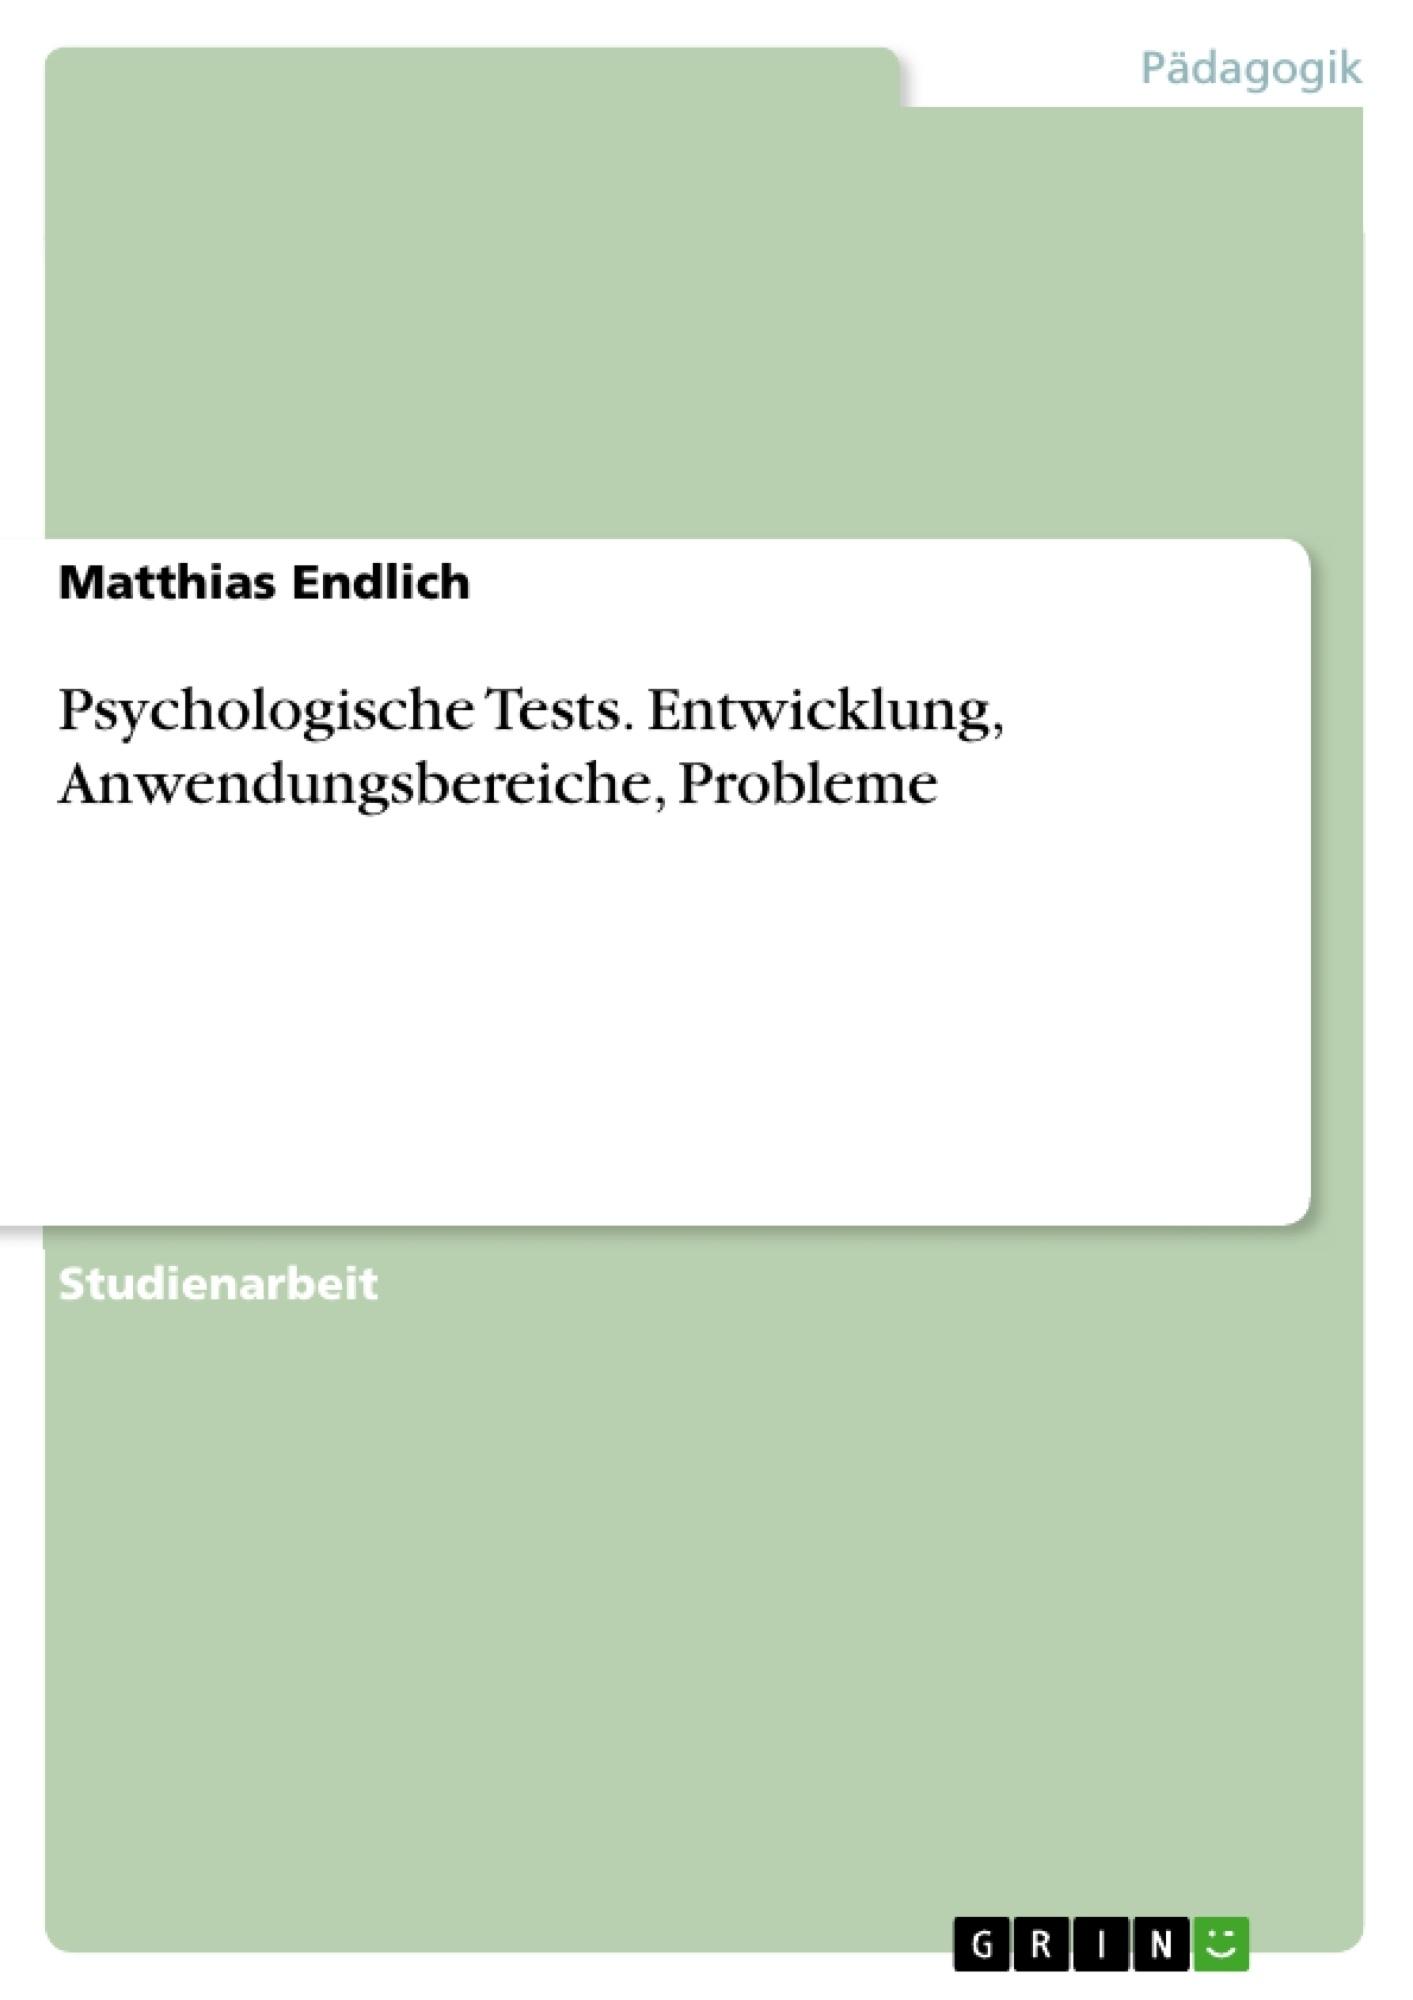 Titel: Psychologische Tests. Entwicklung, Anwendungsbereiche, Probleme